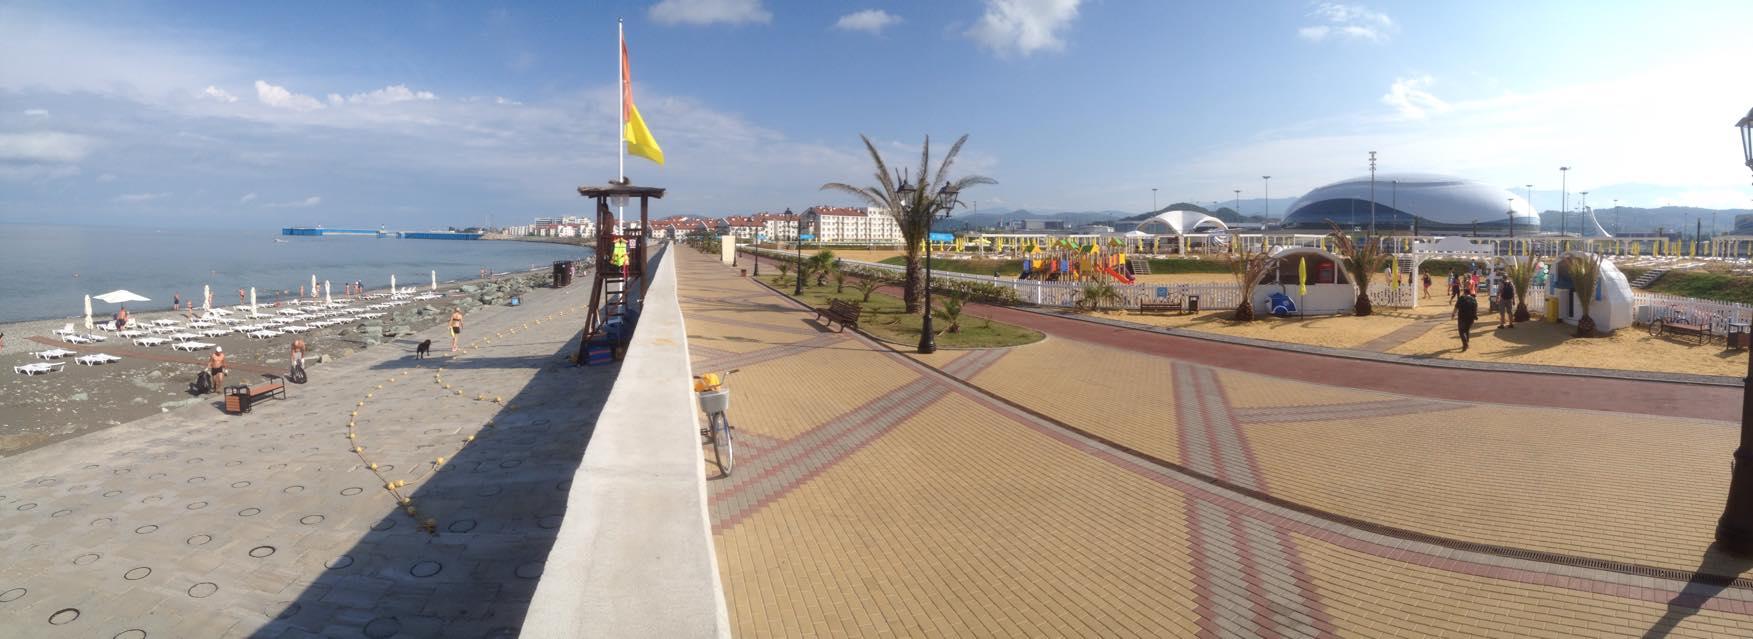 33a Песчаный пляж в Сочи. Какой он?